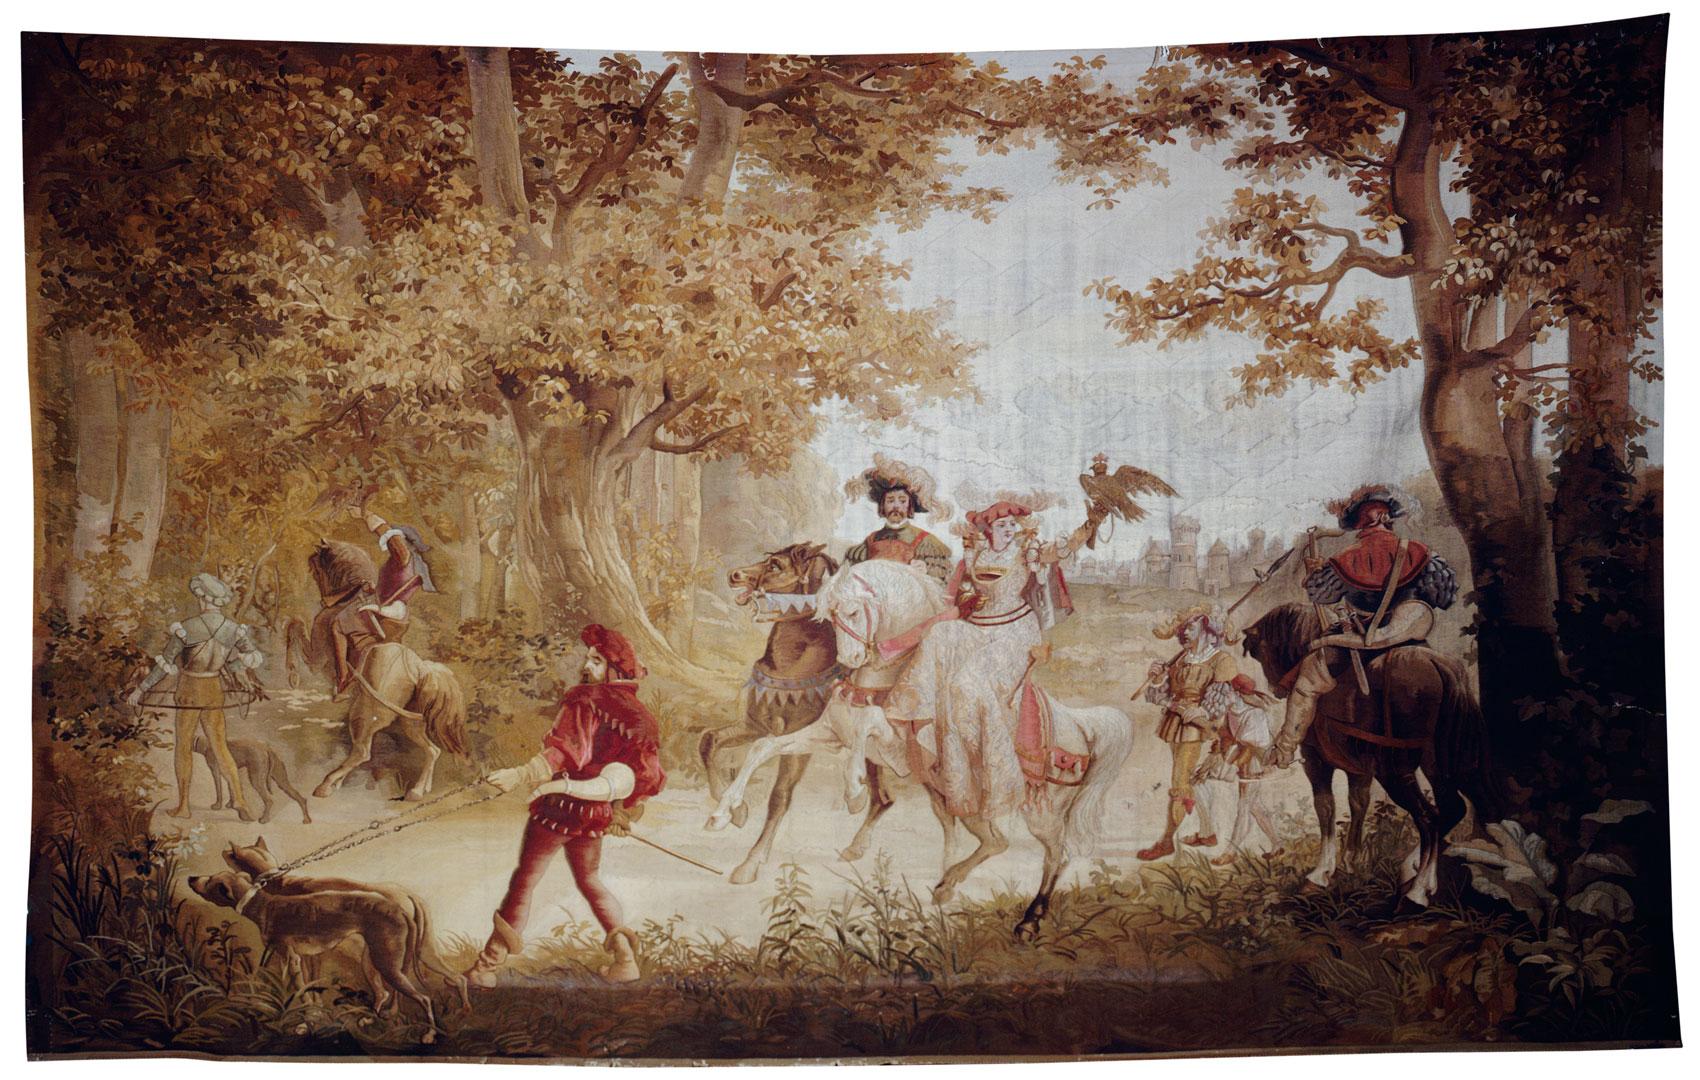 Шпалера Выезд на соколиную охоту Западная Европа, вторая половина XIX в.